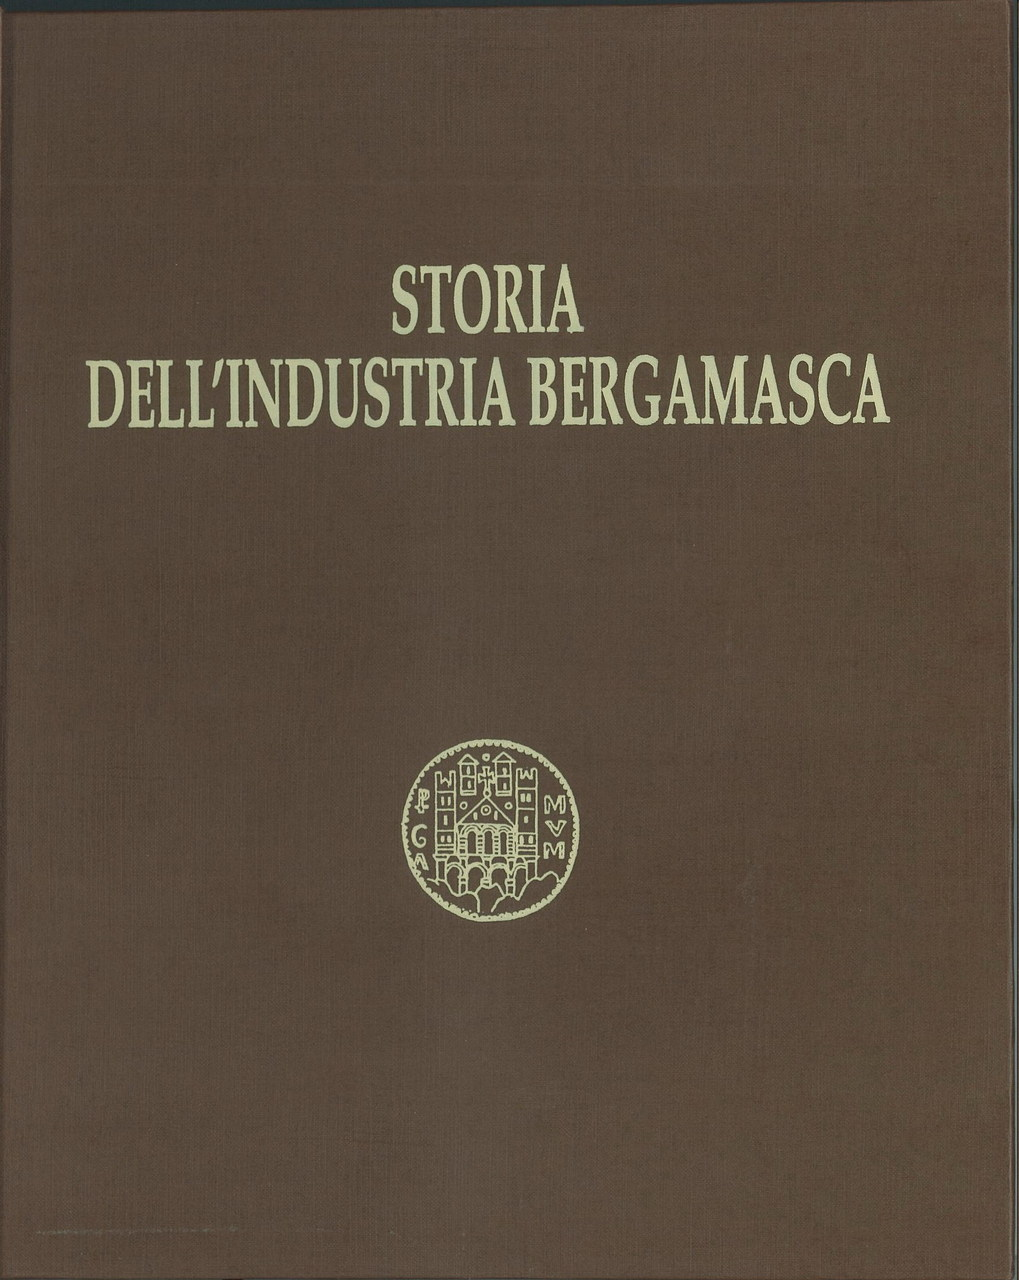 BARBIERI Francesco, RAVANELLI Renato, STORIA DELL'INDUSTRIA BERGAMASCA, Bergamo, Grafica e arte, 1996